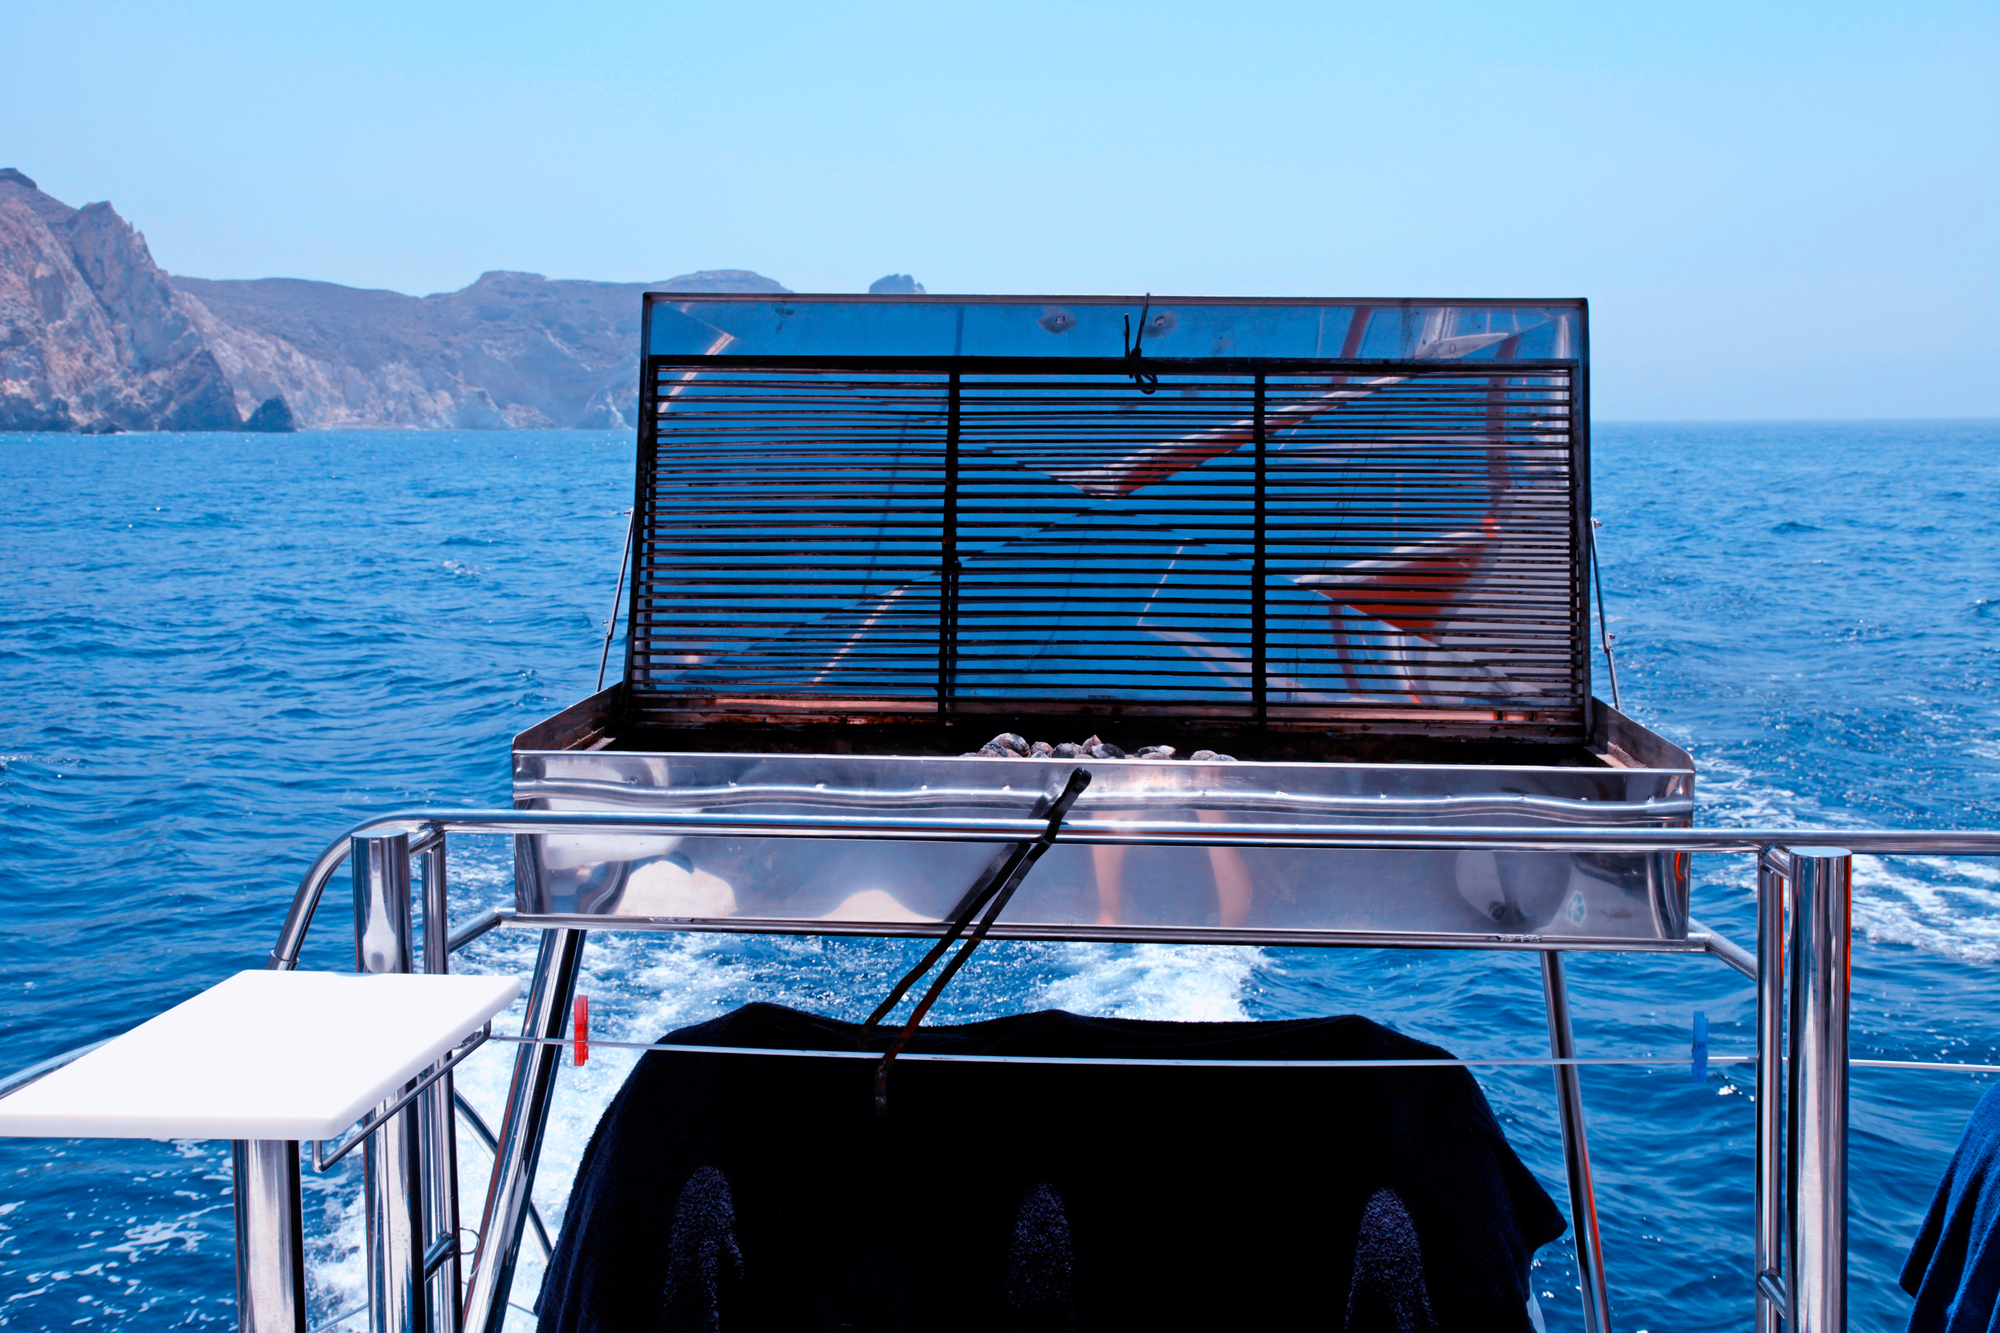 船のデッキに置いてあるバーベキュー設備